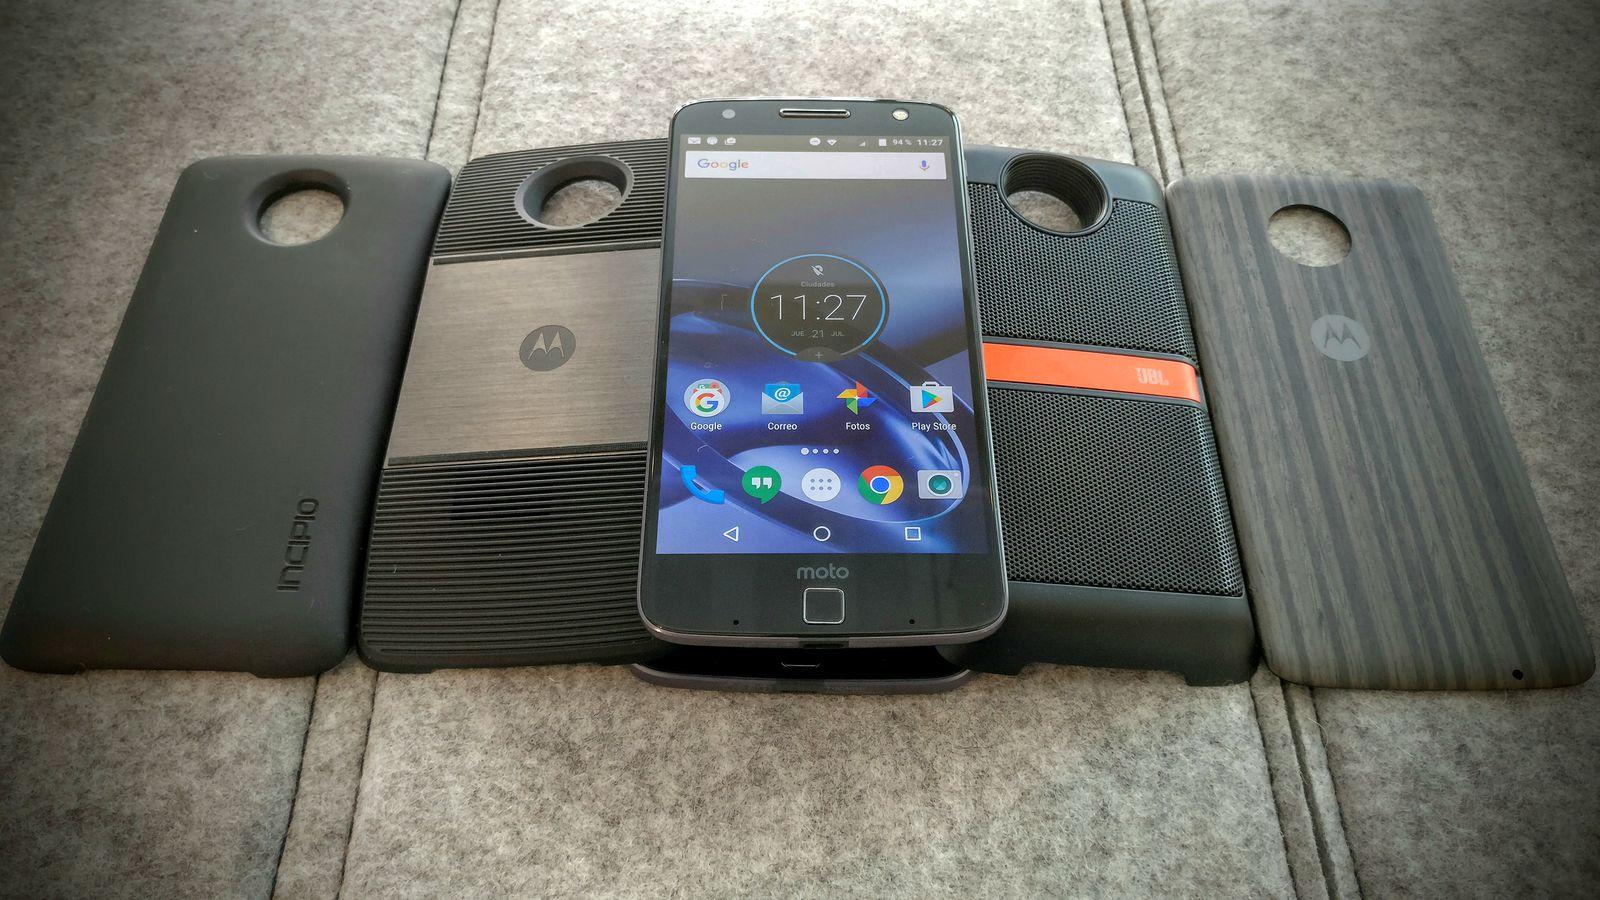 smartfony-s-neobychnym-cvetom-moto-mods